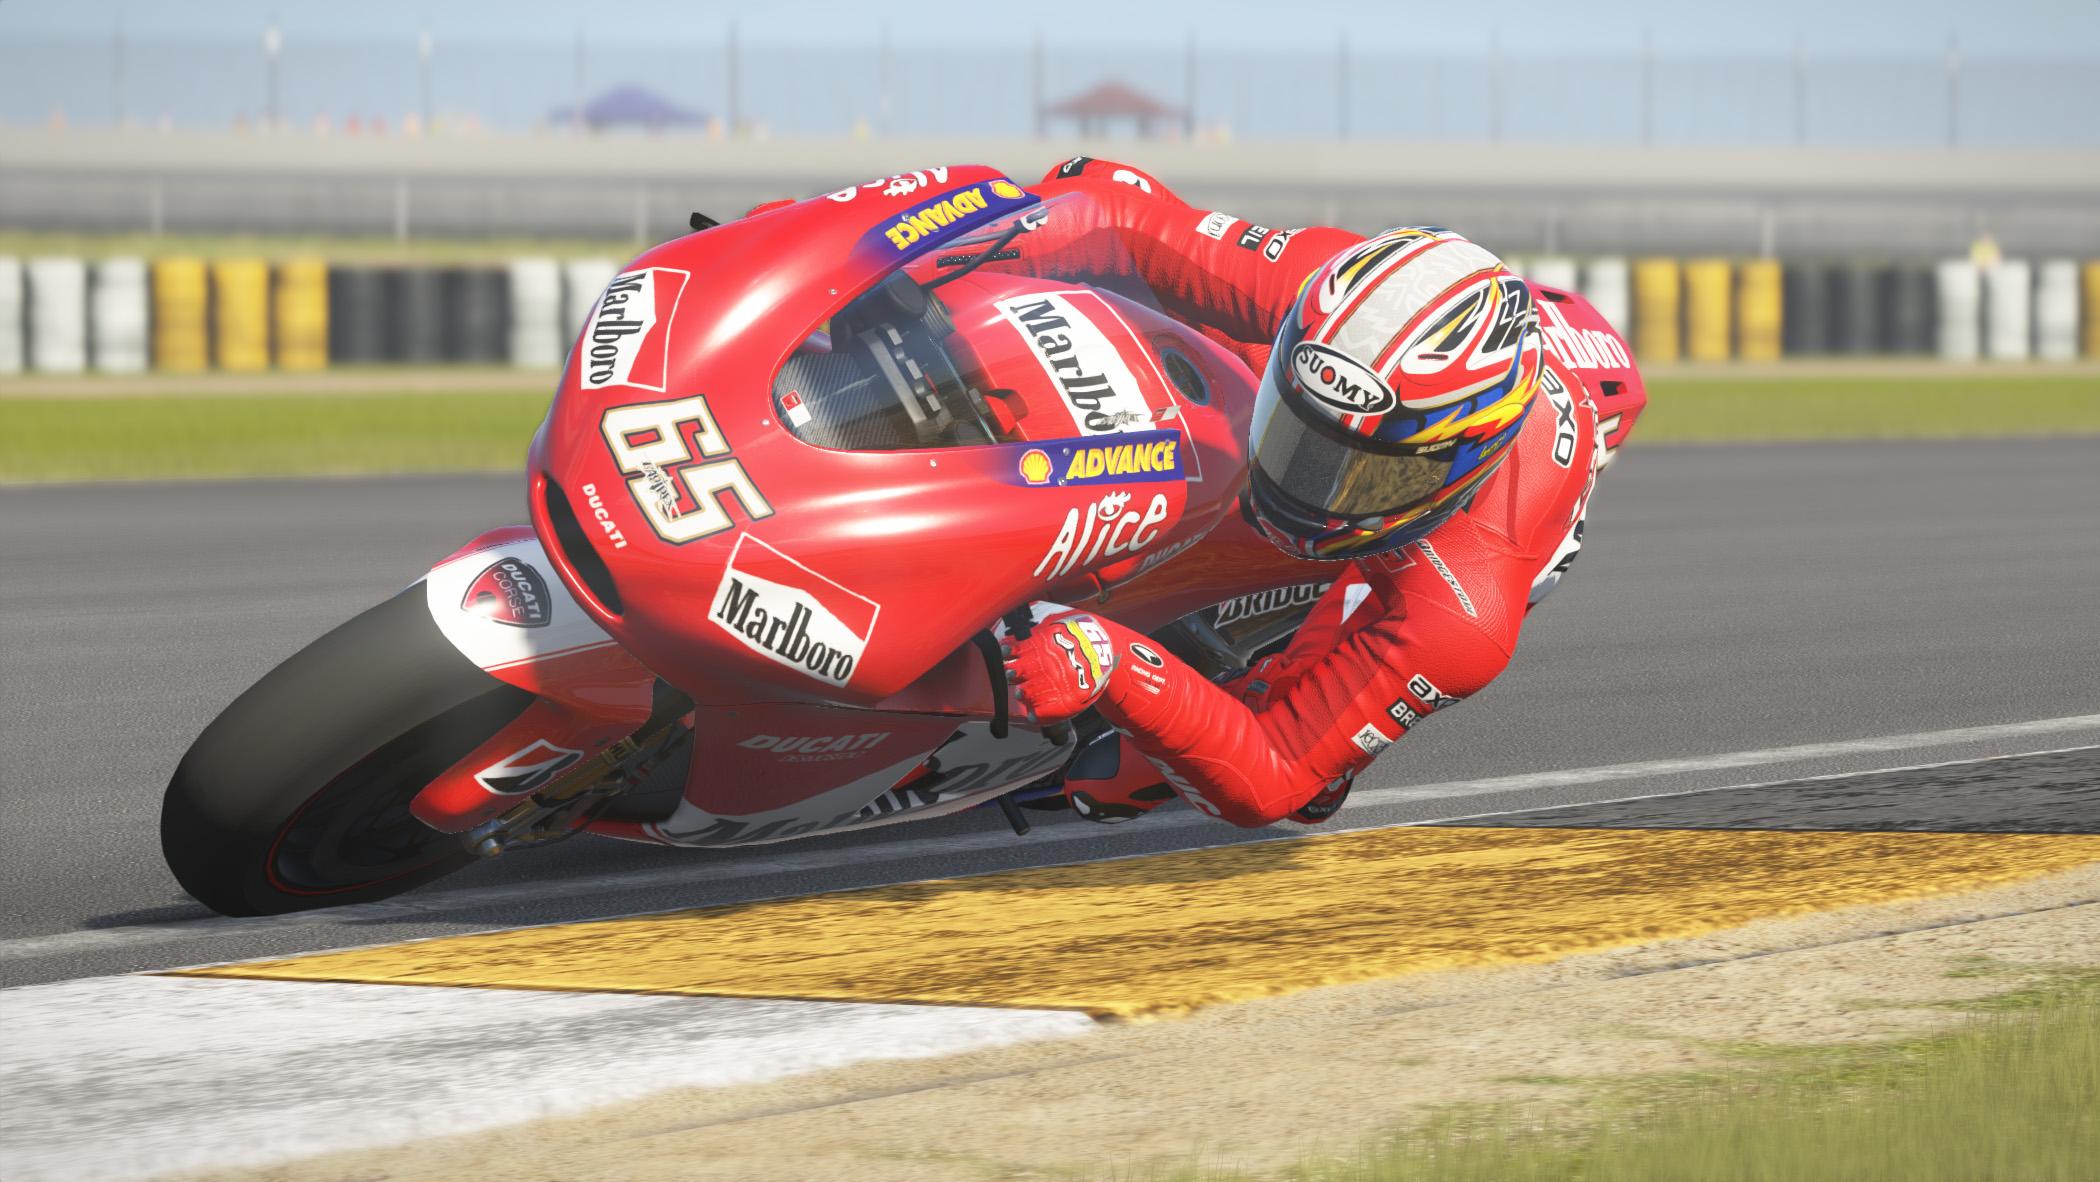 MotoGPVR46X64 2016-06-30 23-50-03-50.jpg